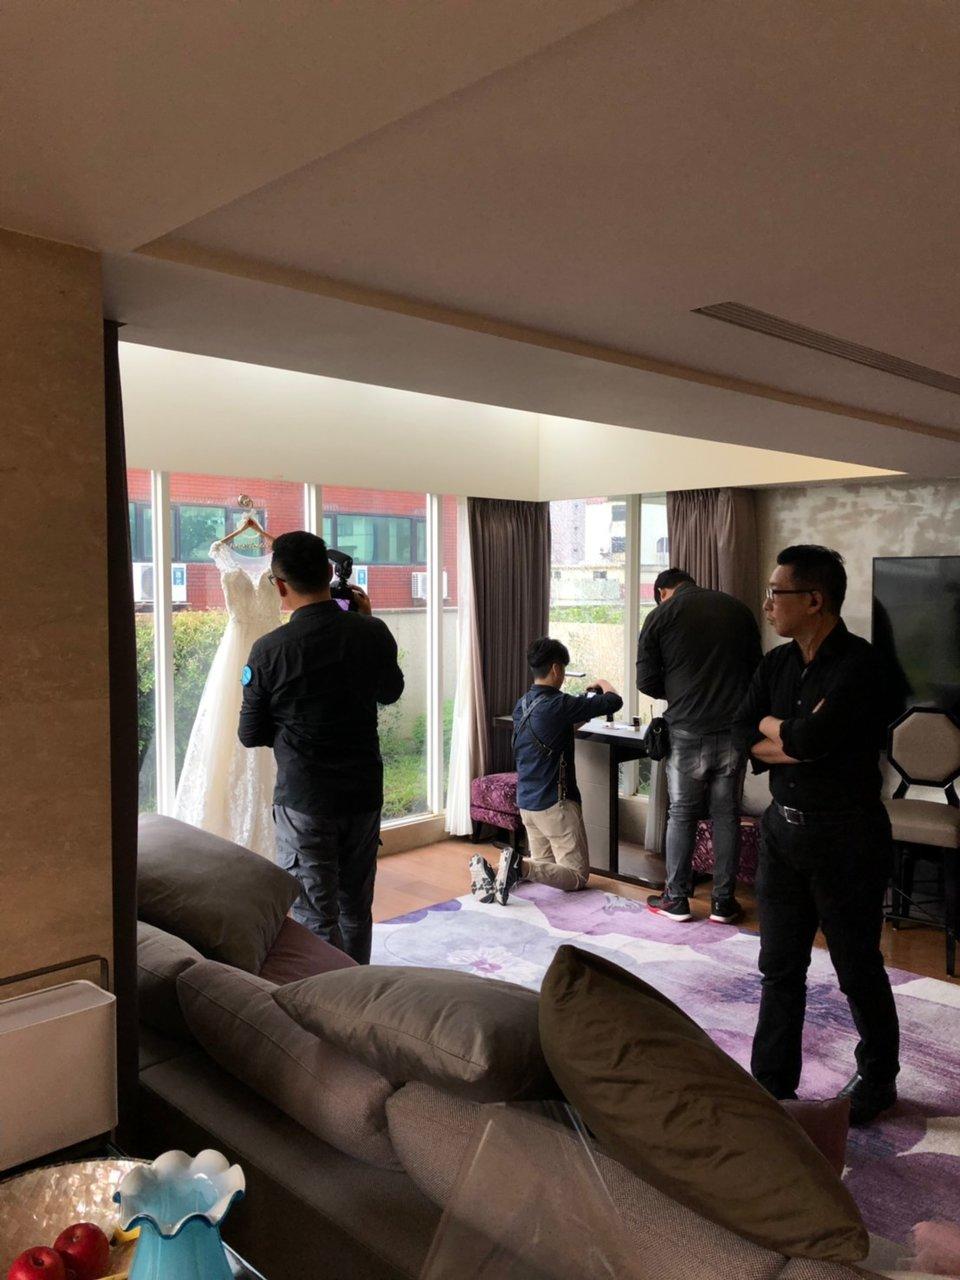 婚攝罐頭 影像團隊(網路熱推 全台服務),拍攝專業又有顏值的罐頭歐巴